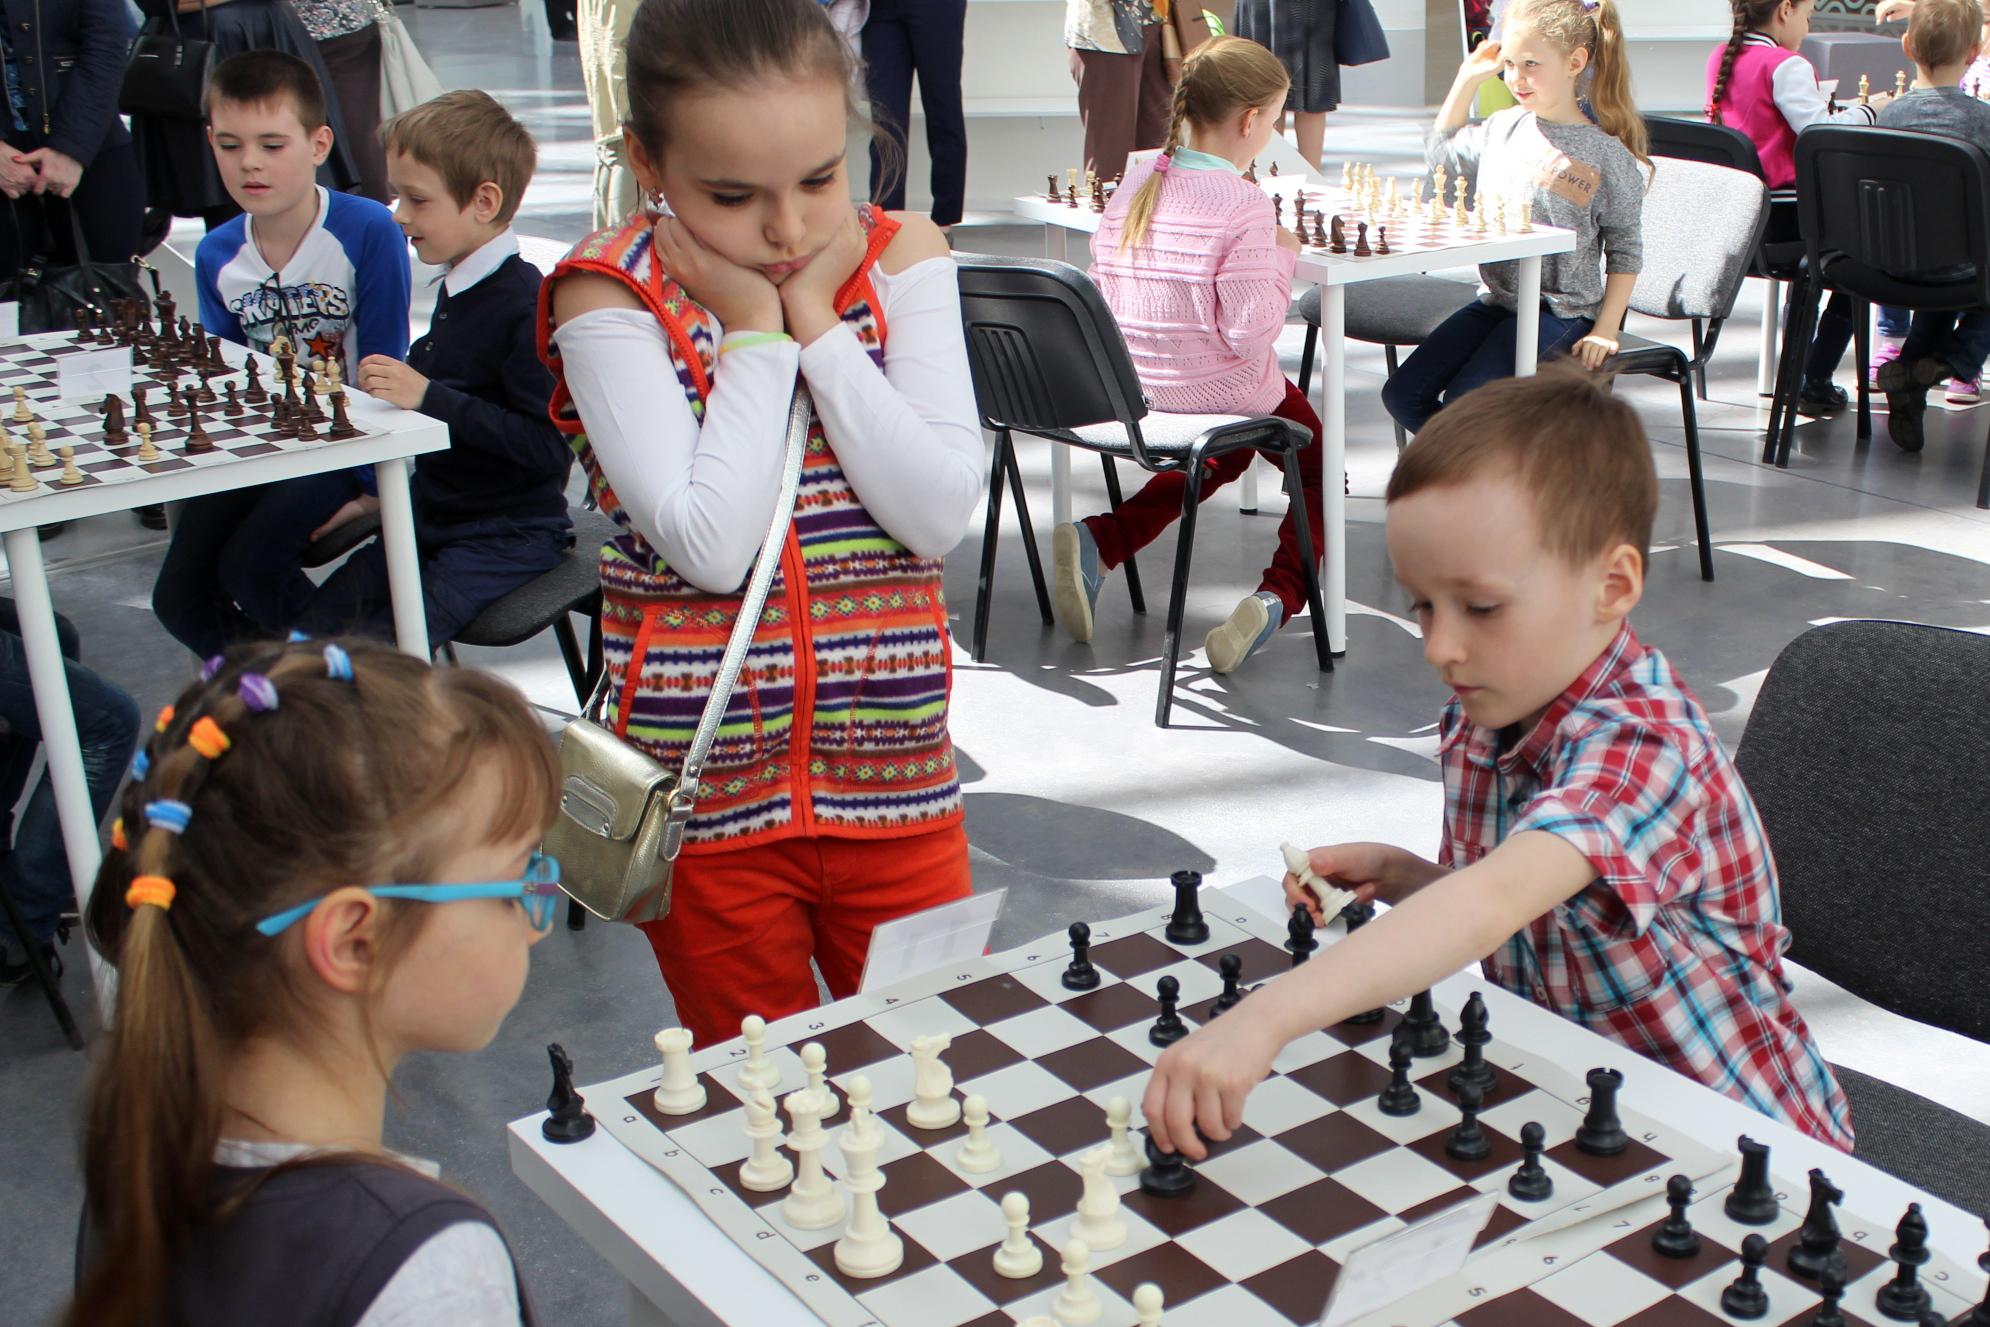 живые шахматы играть бесплатно